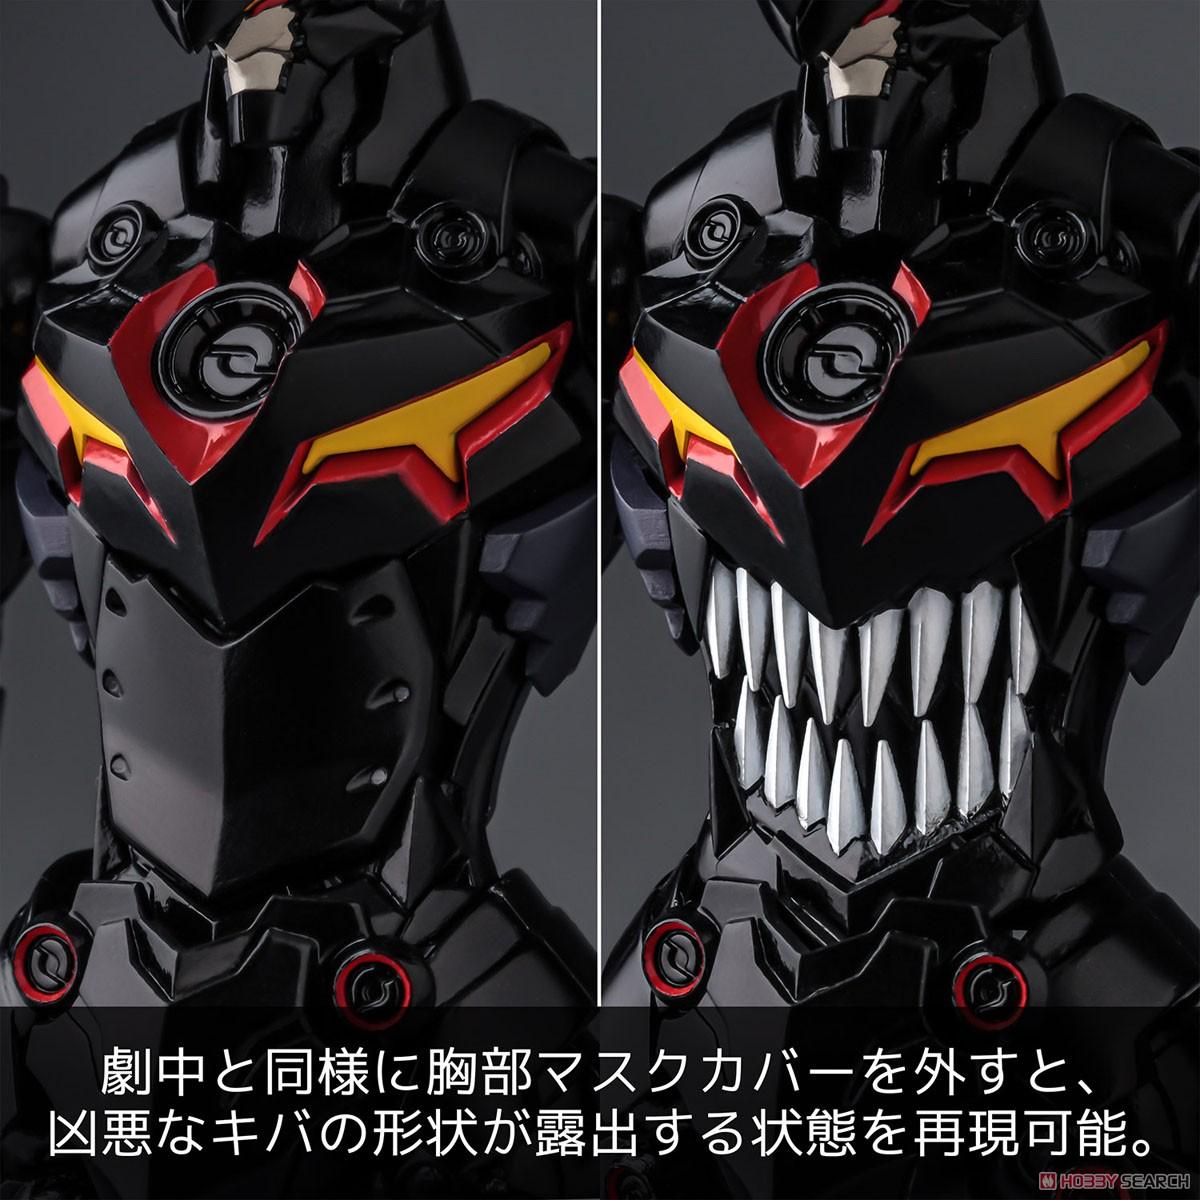 プライオボット『ラゼンガン』天元突破グレンラガン プラモデル-010